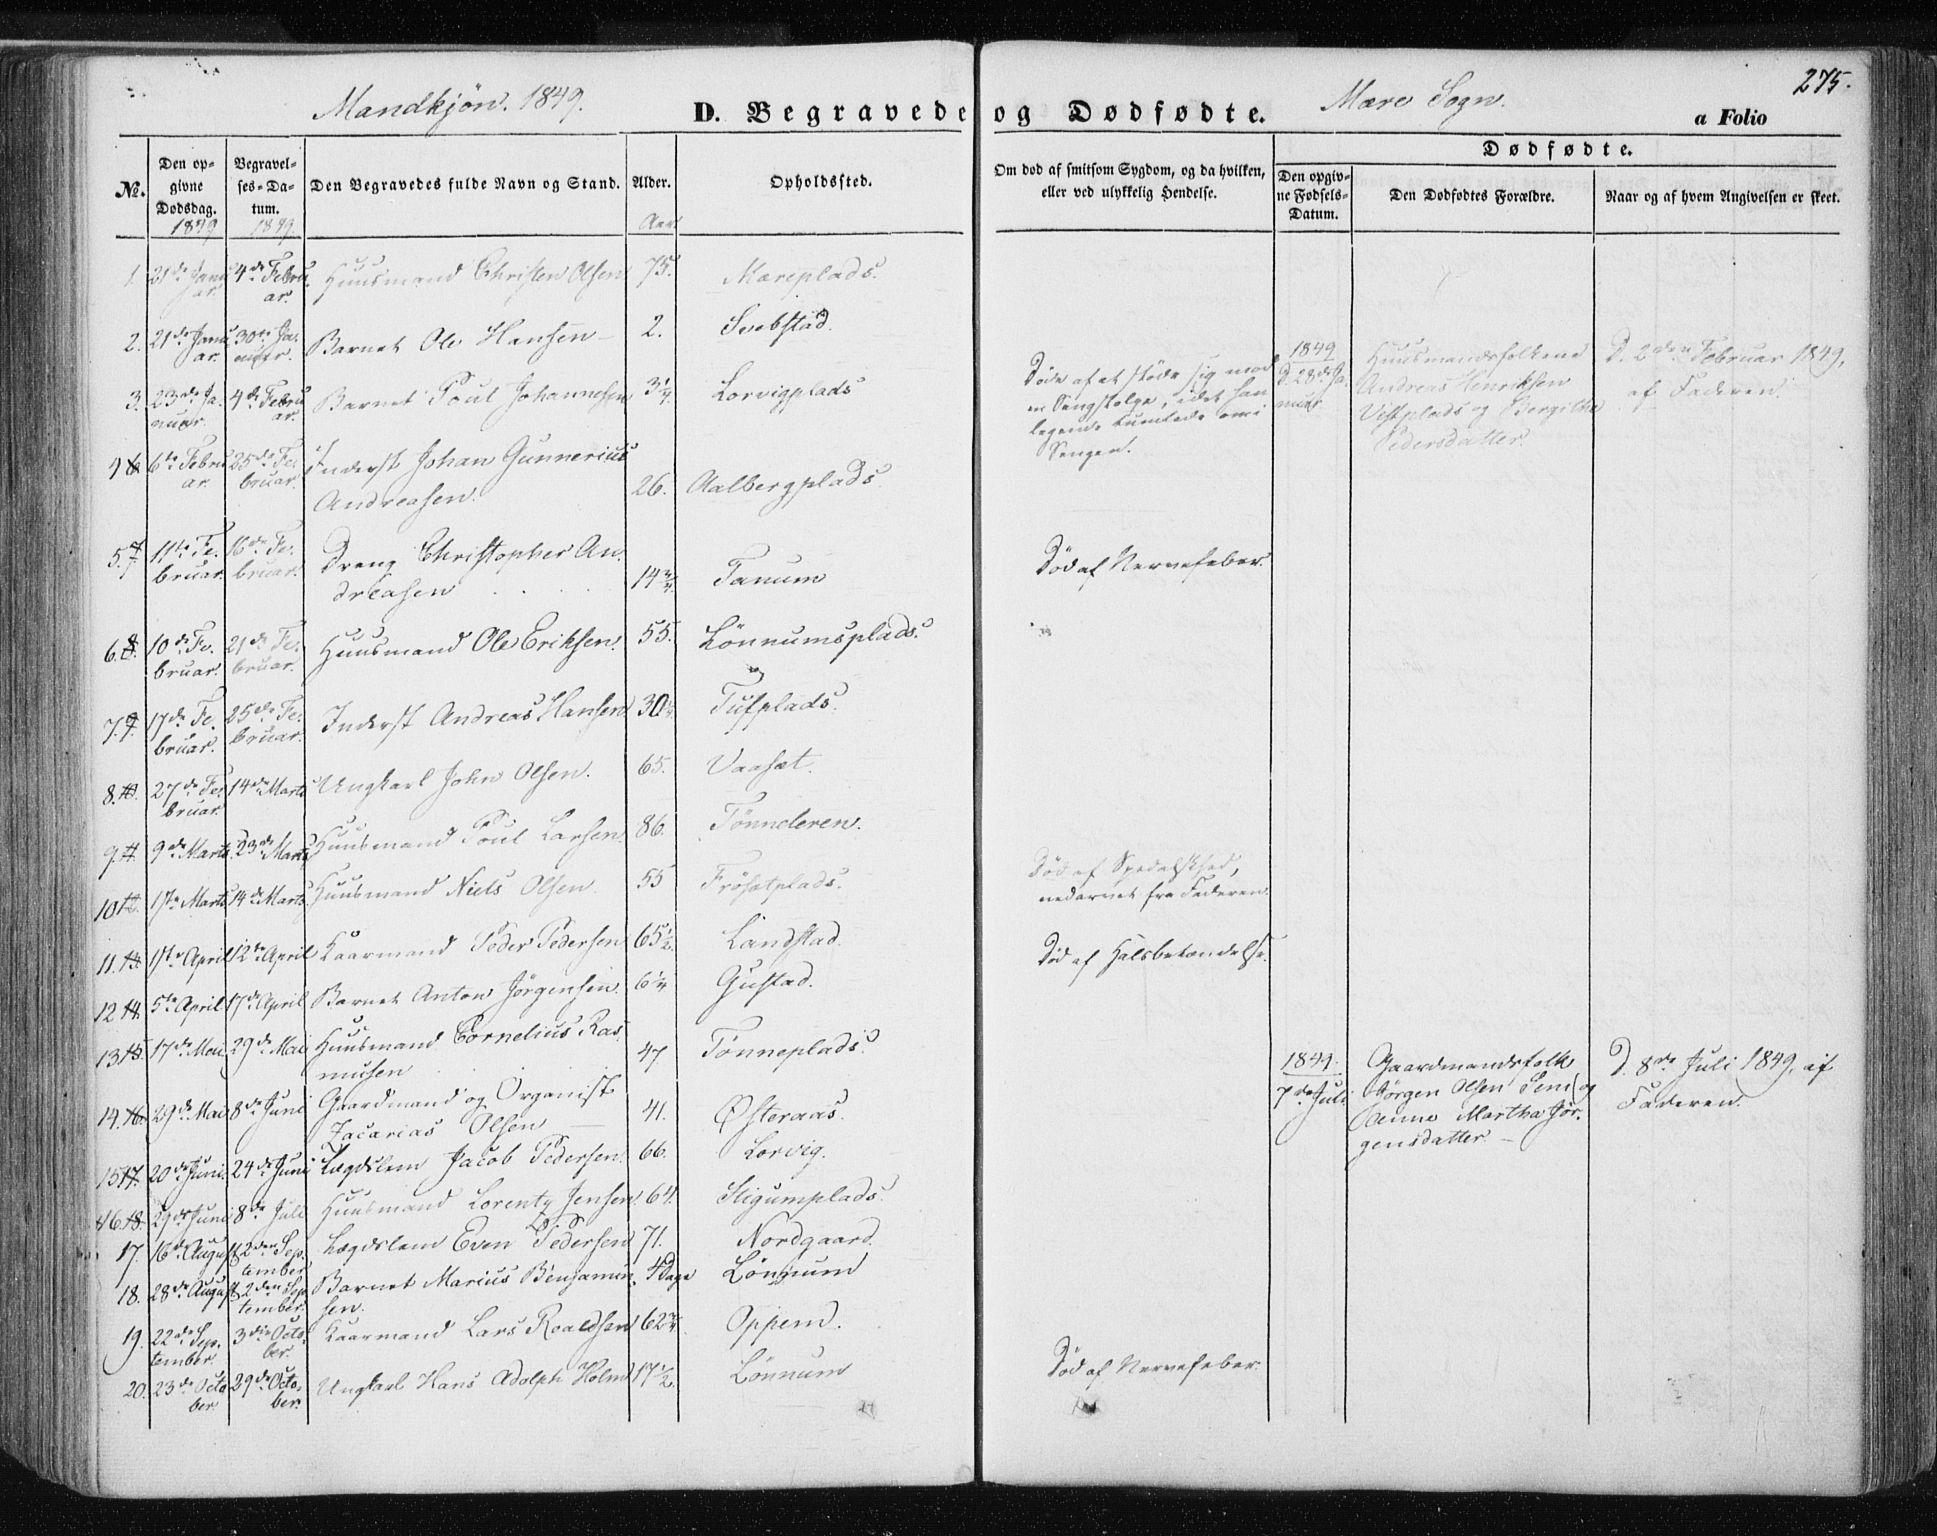 SAT, Ministerialprotokoller, klokkerbøker og fødselsregistre - Nord-Trøndelag, 735/L0342: Parish register (official) no. 735A07 /1, 1849-1862, p. 275